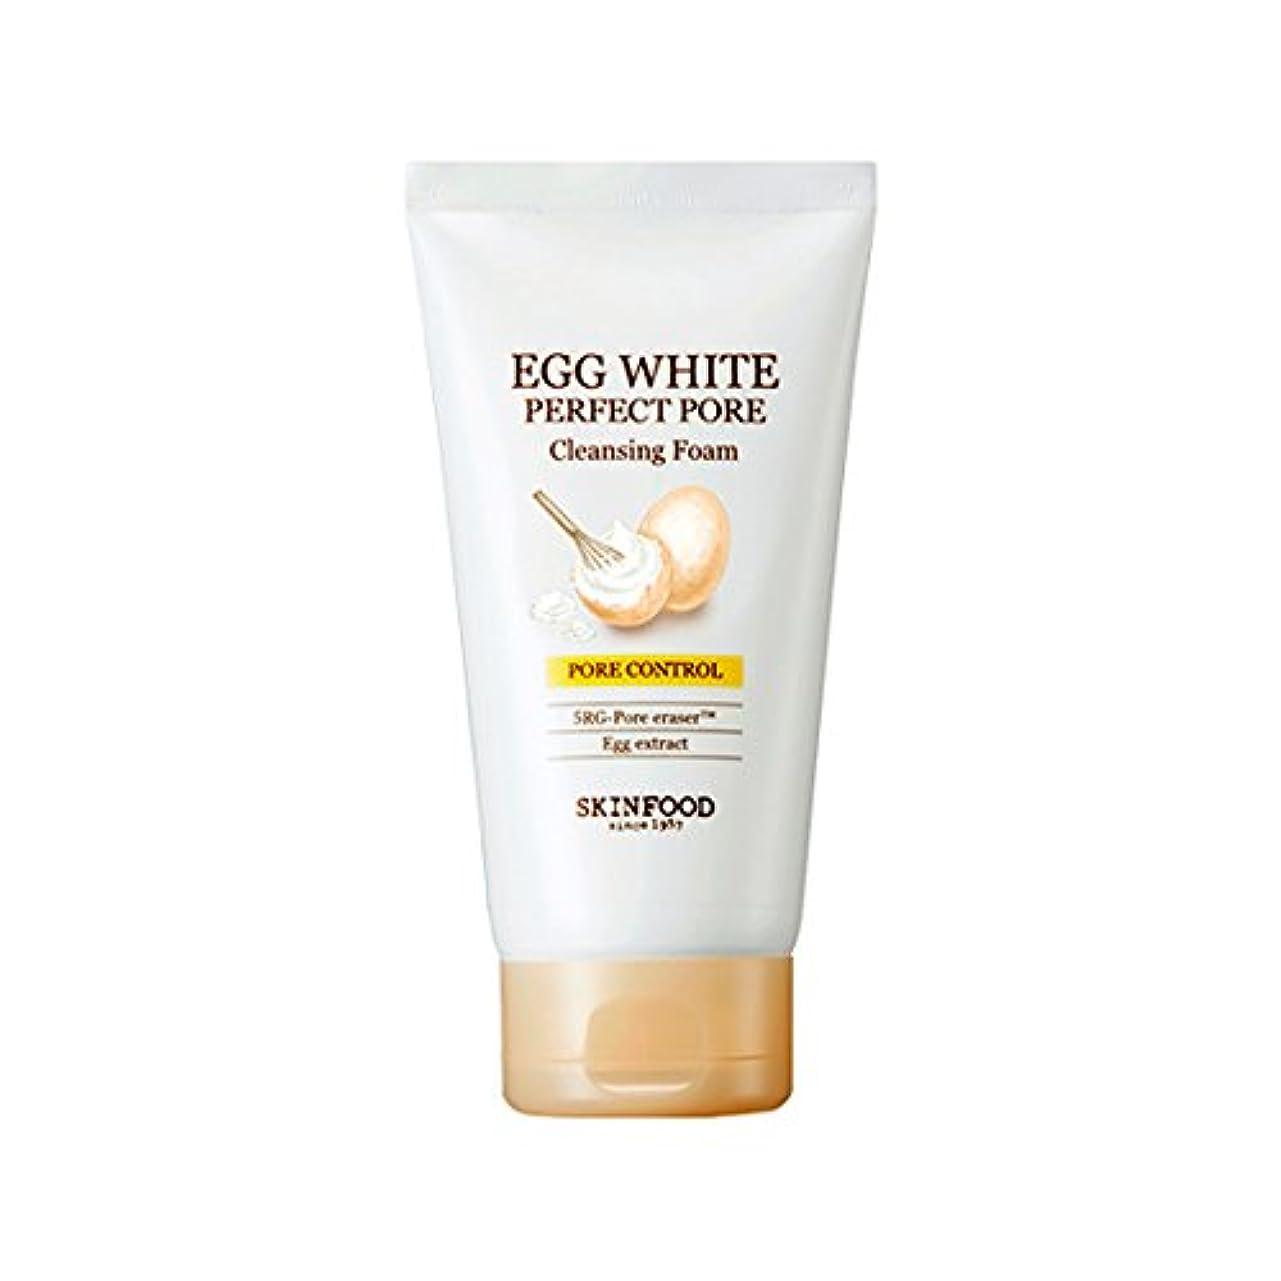 パーセント法令突然[2017 New] SKINFOOD Egg White Perfect Pore Cleansing Foam 150ml/スキンフード エッグ ホワイト パーフェクト ポア クレンジング フォーム 150ml [並行輸入品]